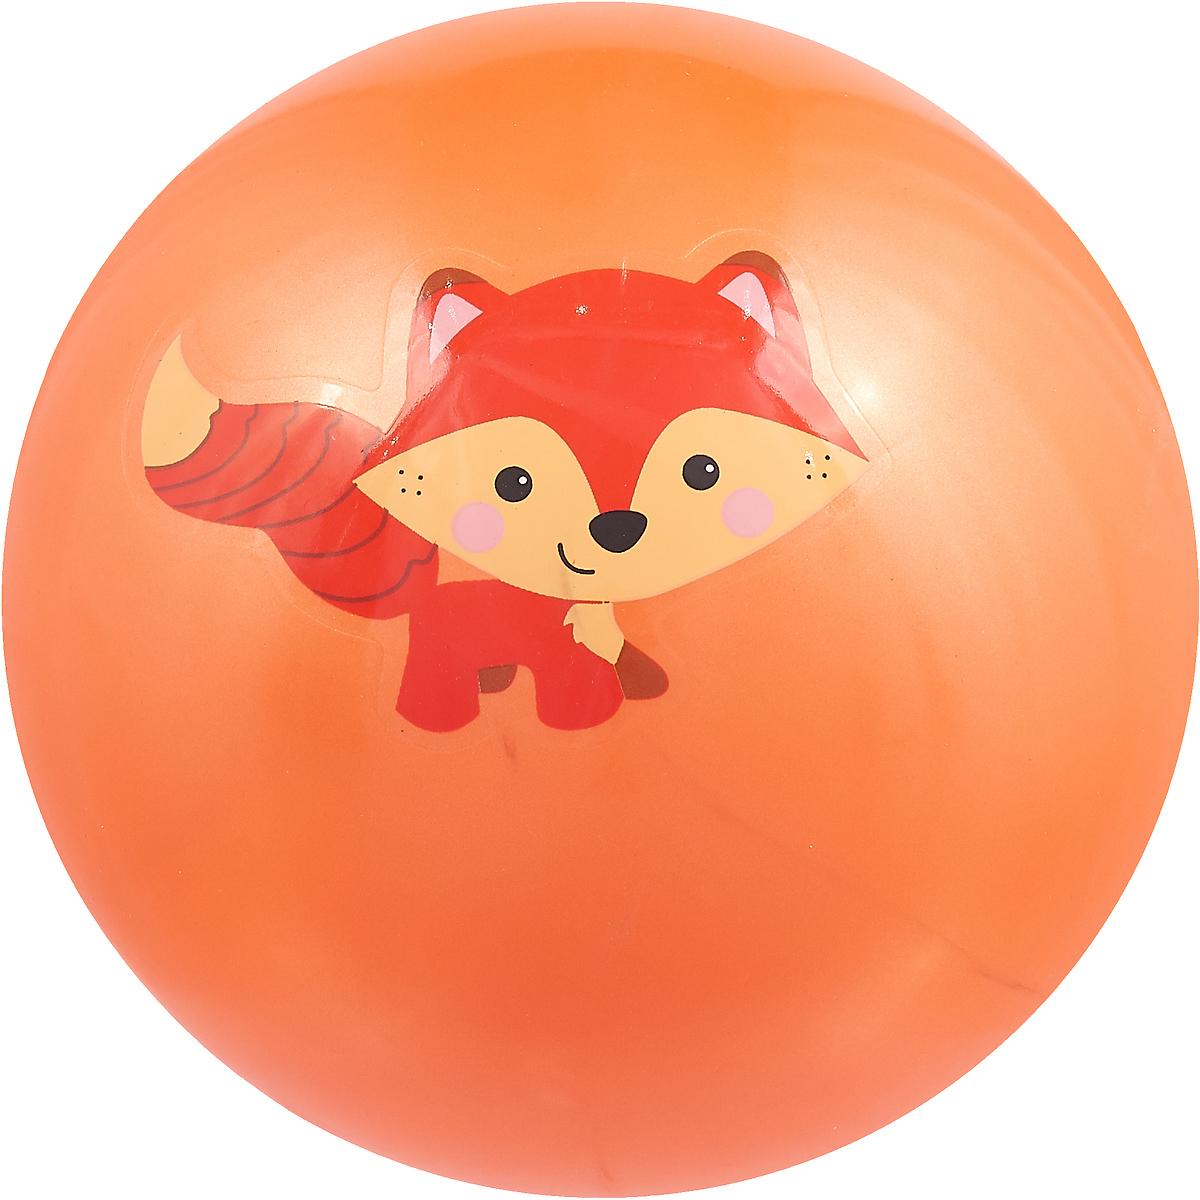 Мяч Играем вместе Лисенок, цвет: оранжевый, 23 см. AD-9 играем вместе лизун паутина цвет голубой